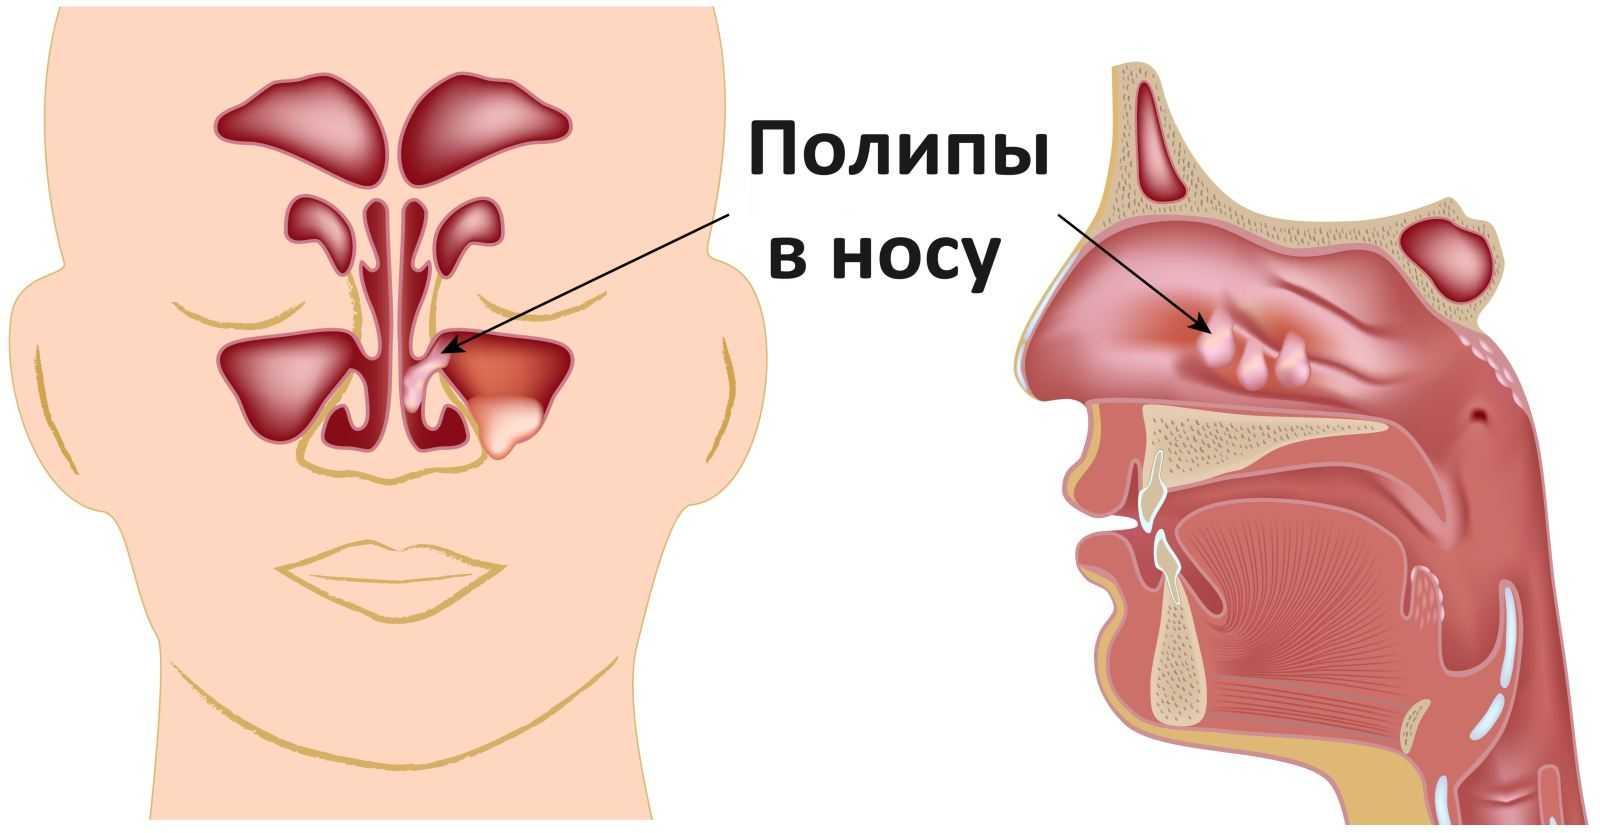 Полипsd носу